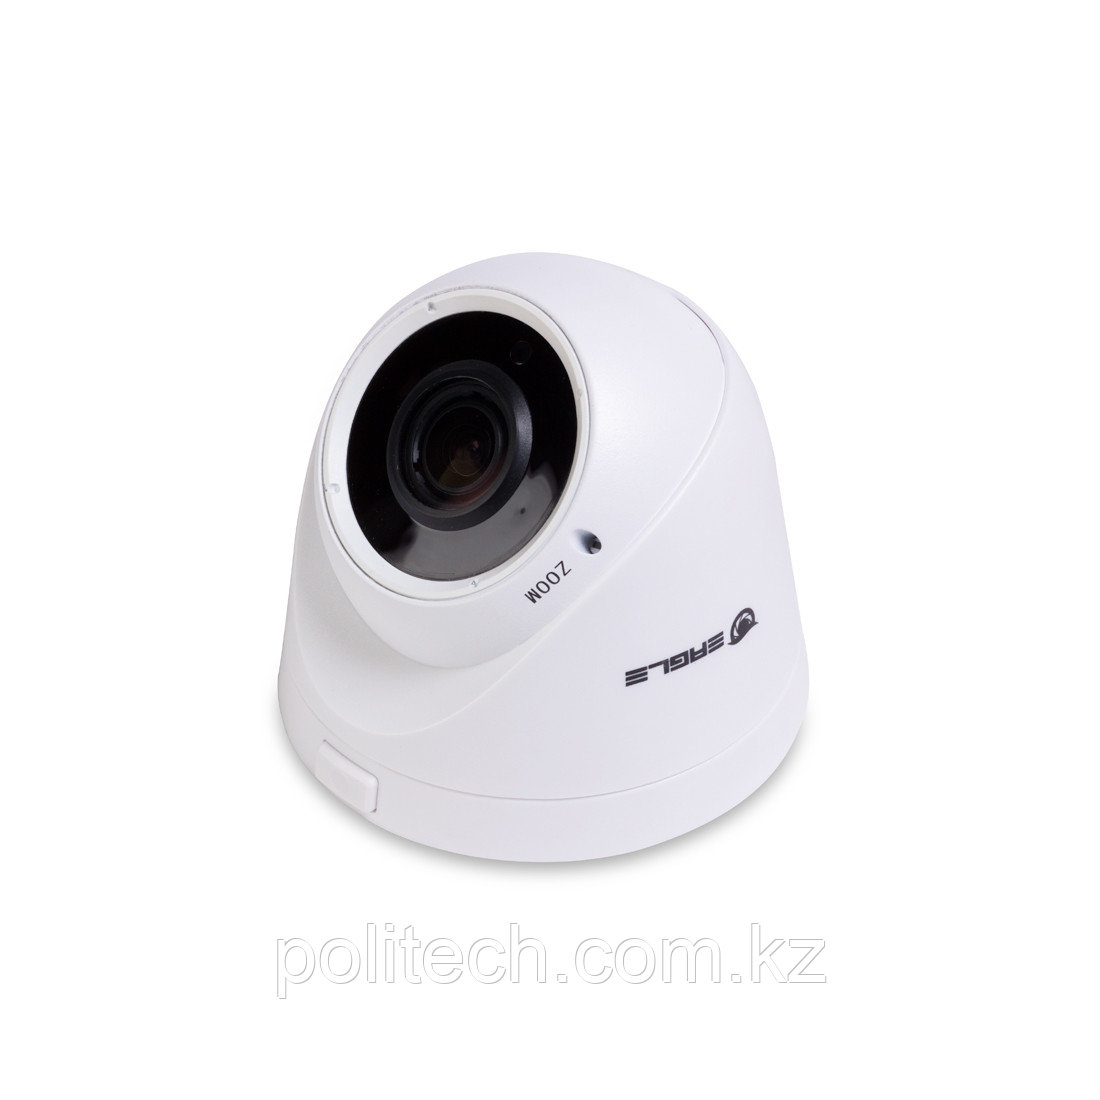 Купольная видеокамера EAGLE EGL-NDM460